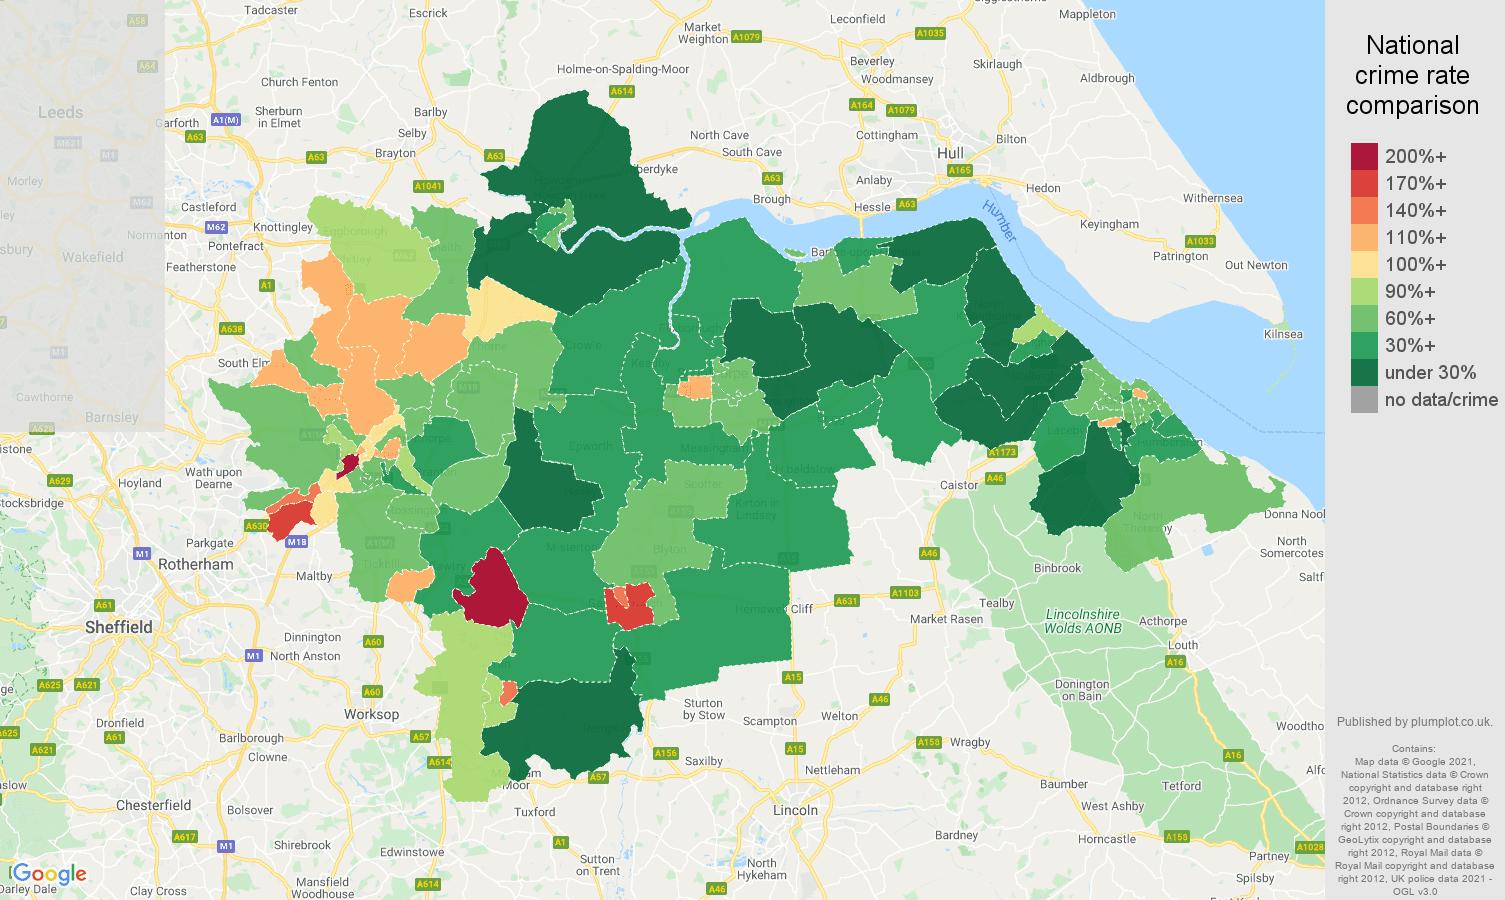 Doncaster antisocial behaviour crime rate comparison map